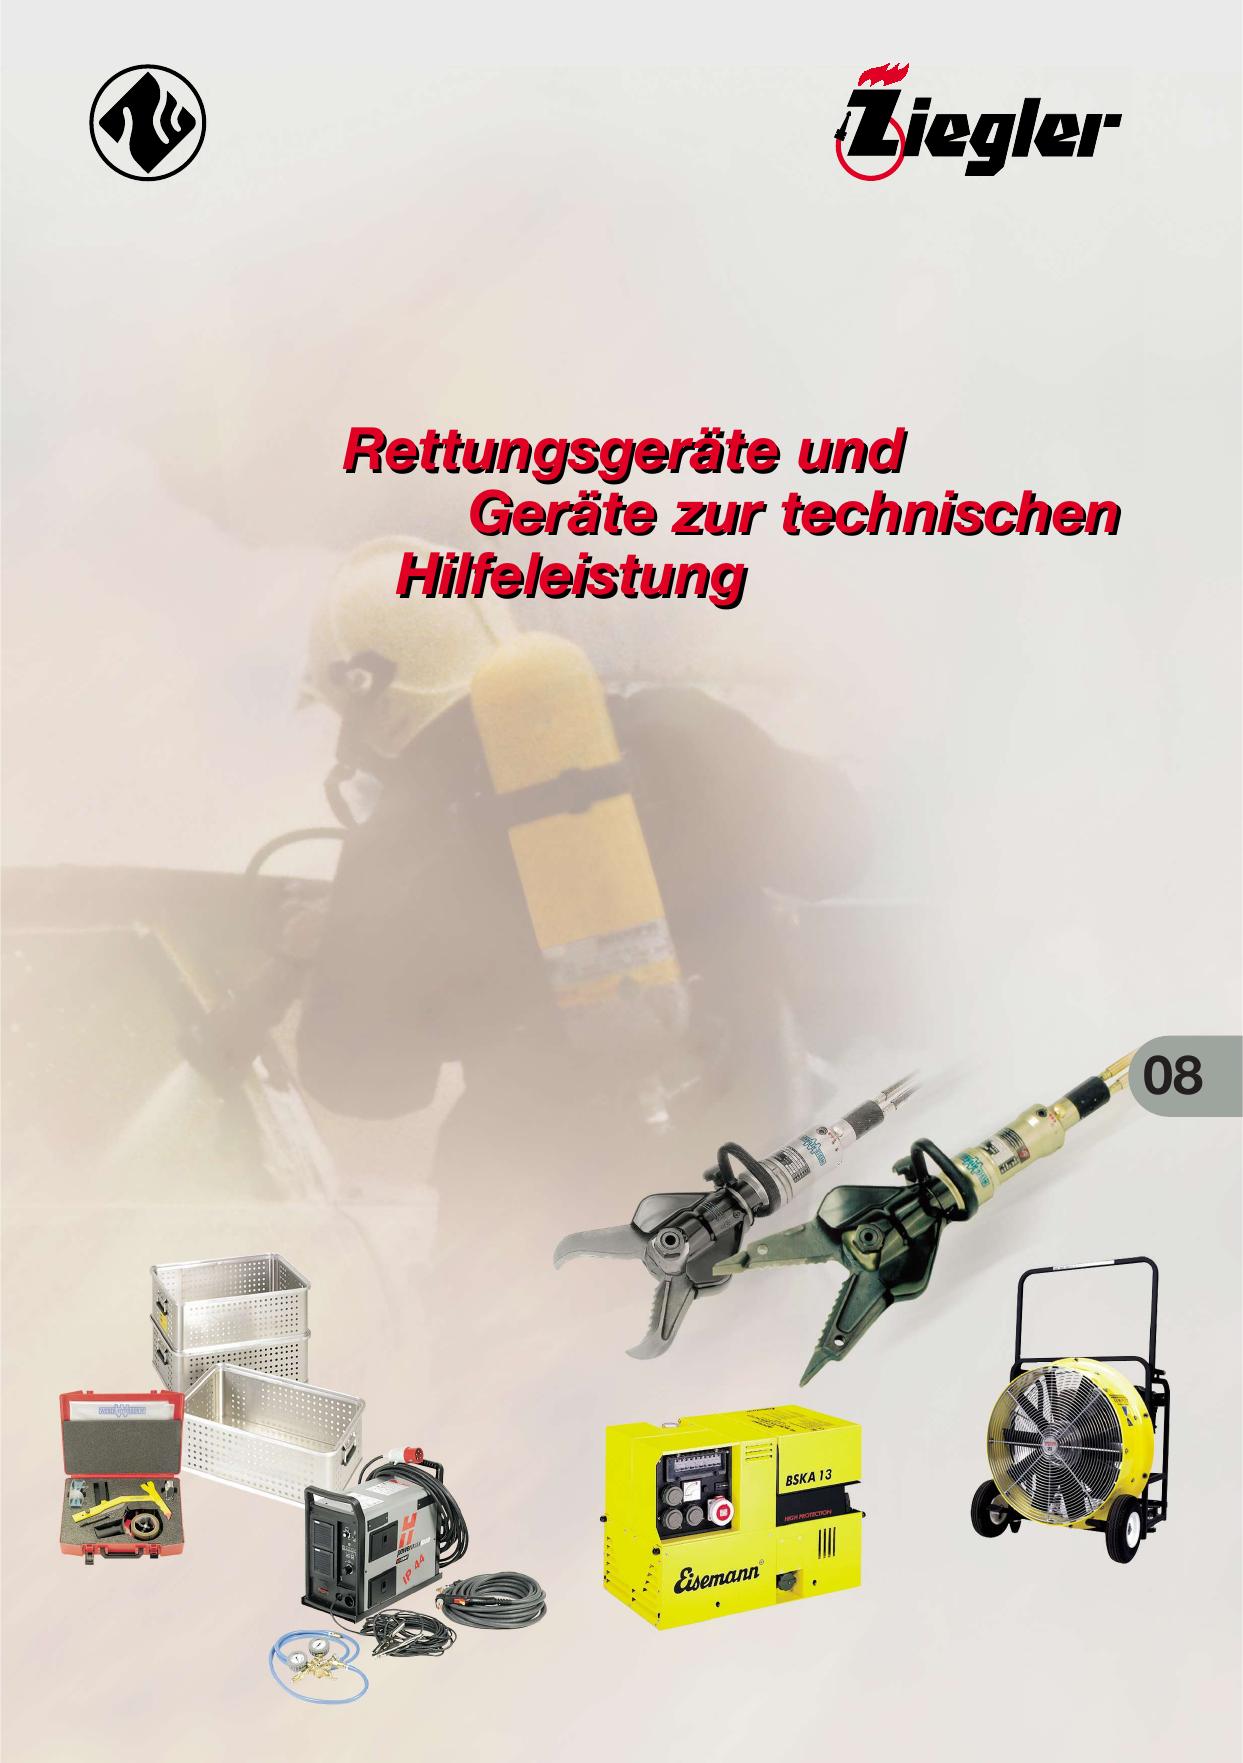 Stahl Verzinkt Baustellengeräte & -ausrüstung Hart Arbeitend Günzburger Wandhalter Verstellbar 280-330 Mm